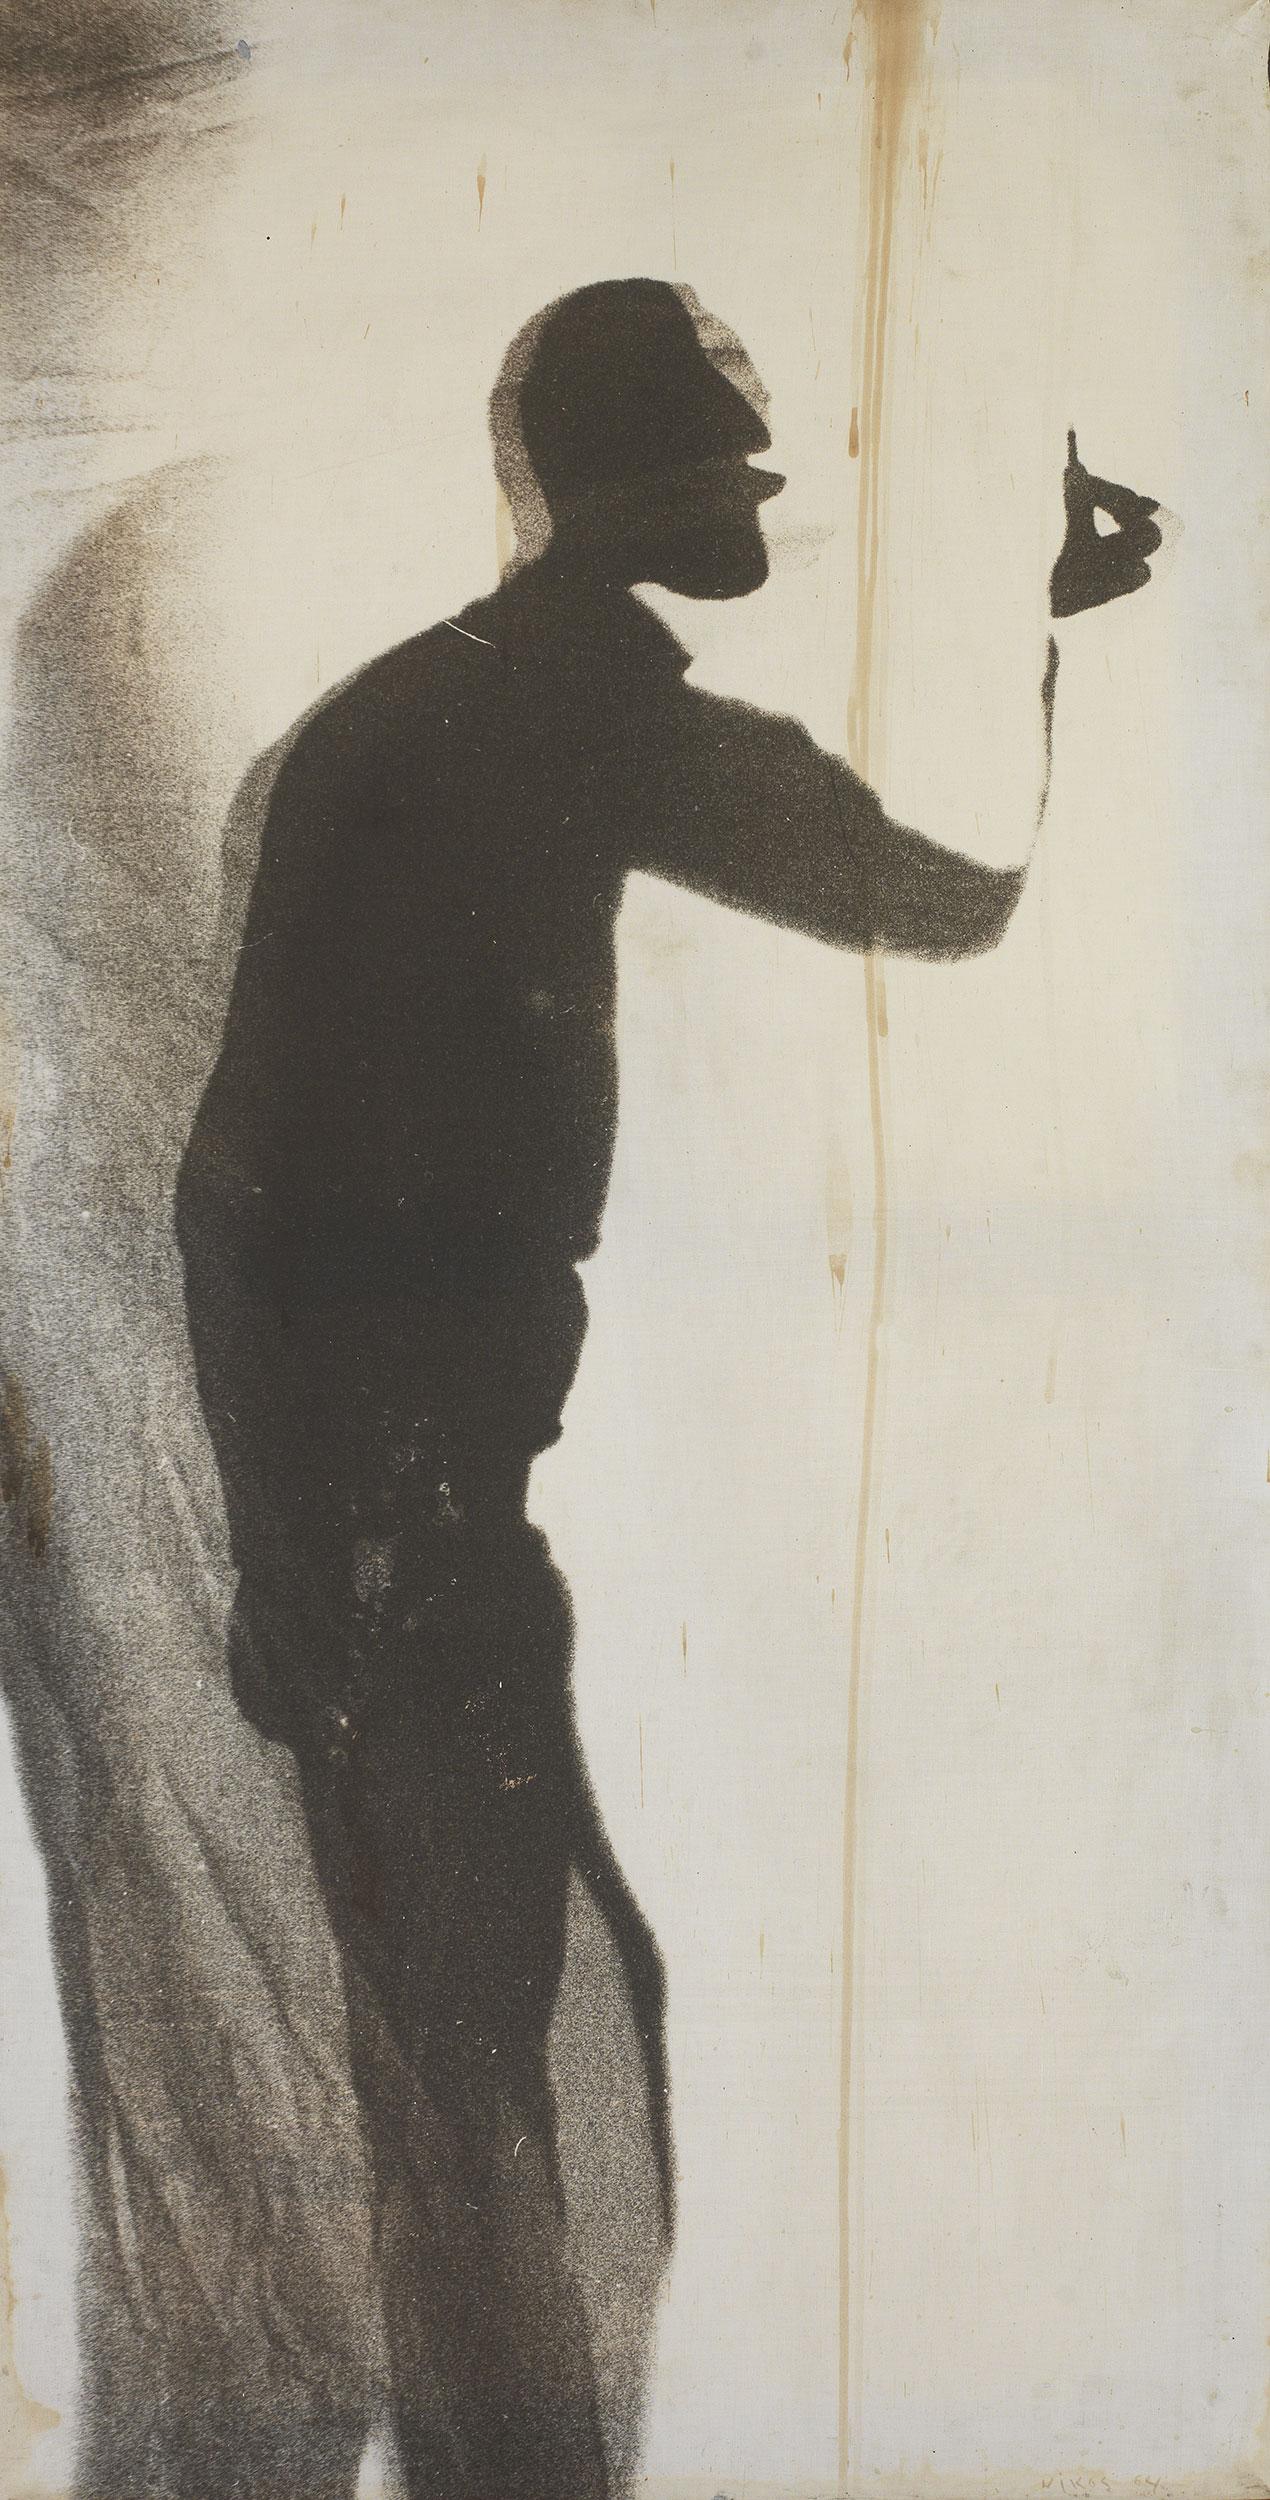 Nikos Kessanlis - The sculptor Chavignier